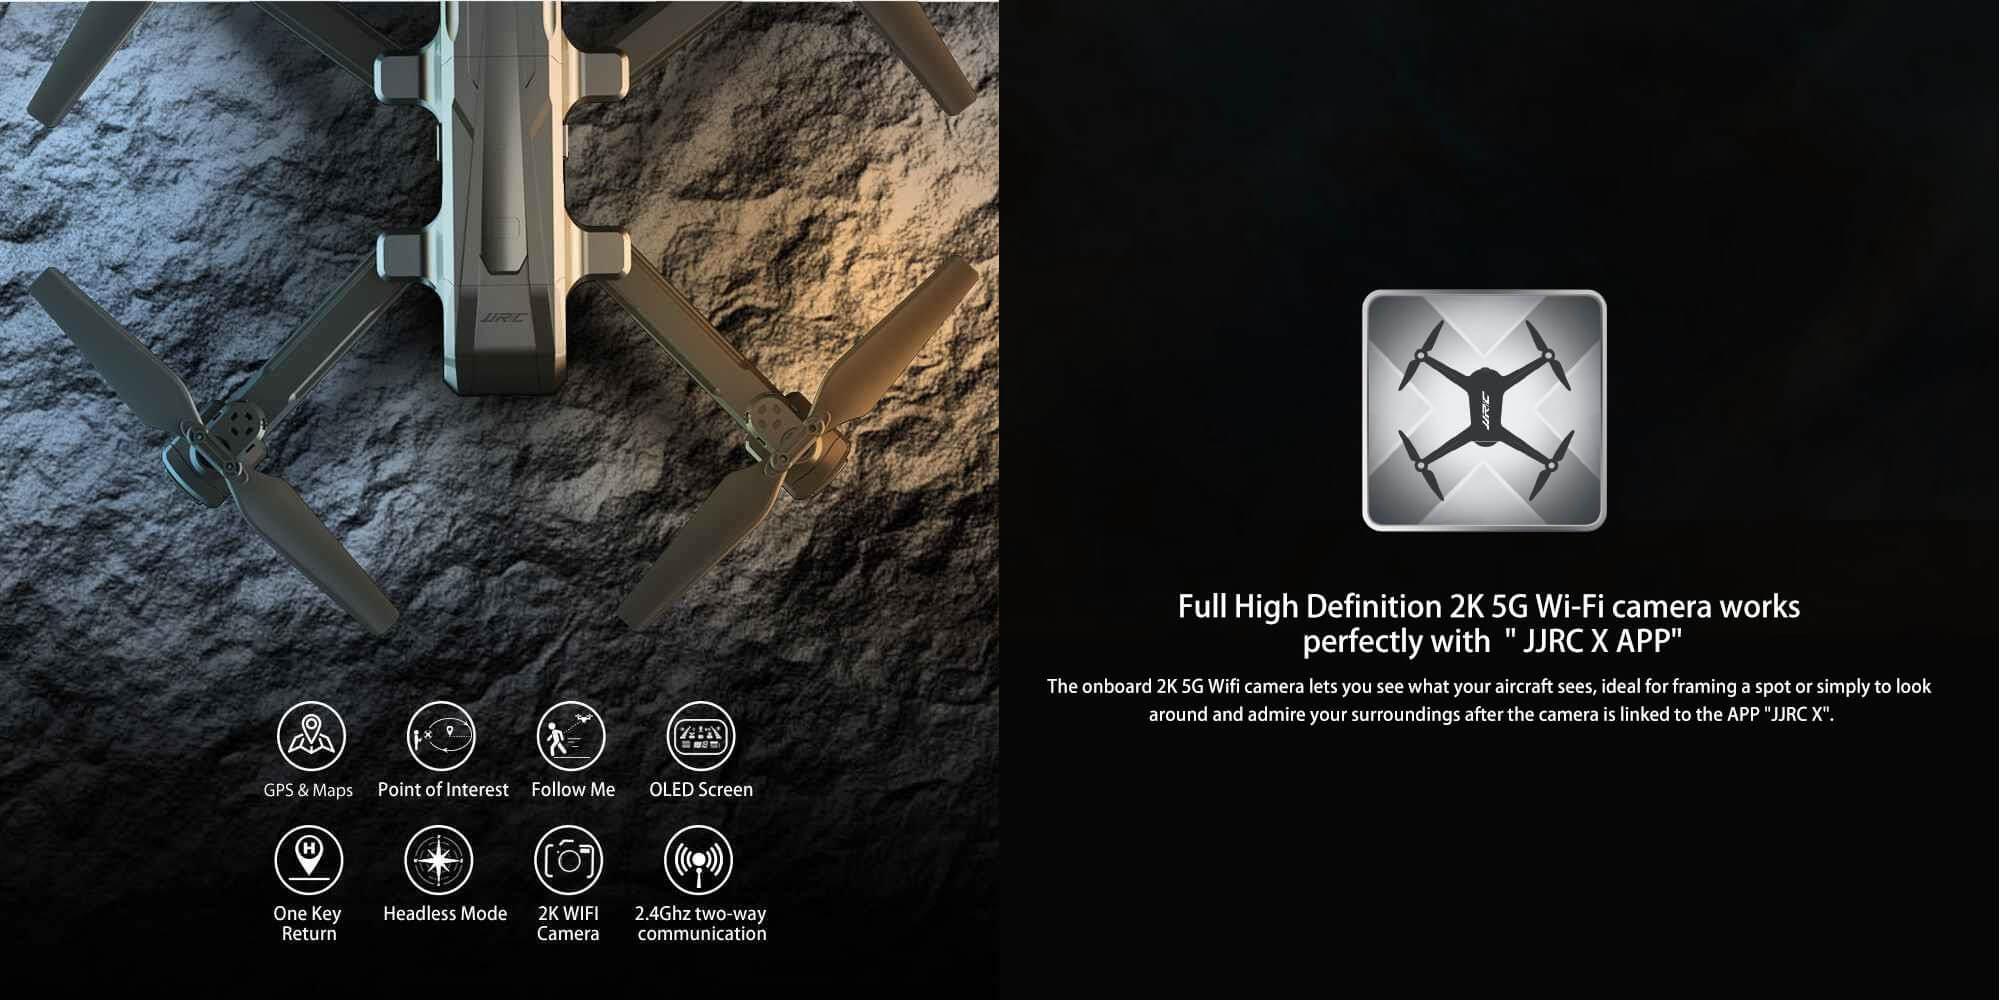 Dron z kamerą JJRC H73 przedstawienie funkcji oraz dedykowanej aplikacji